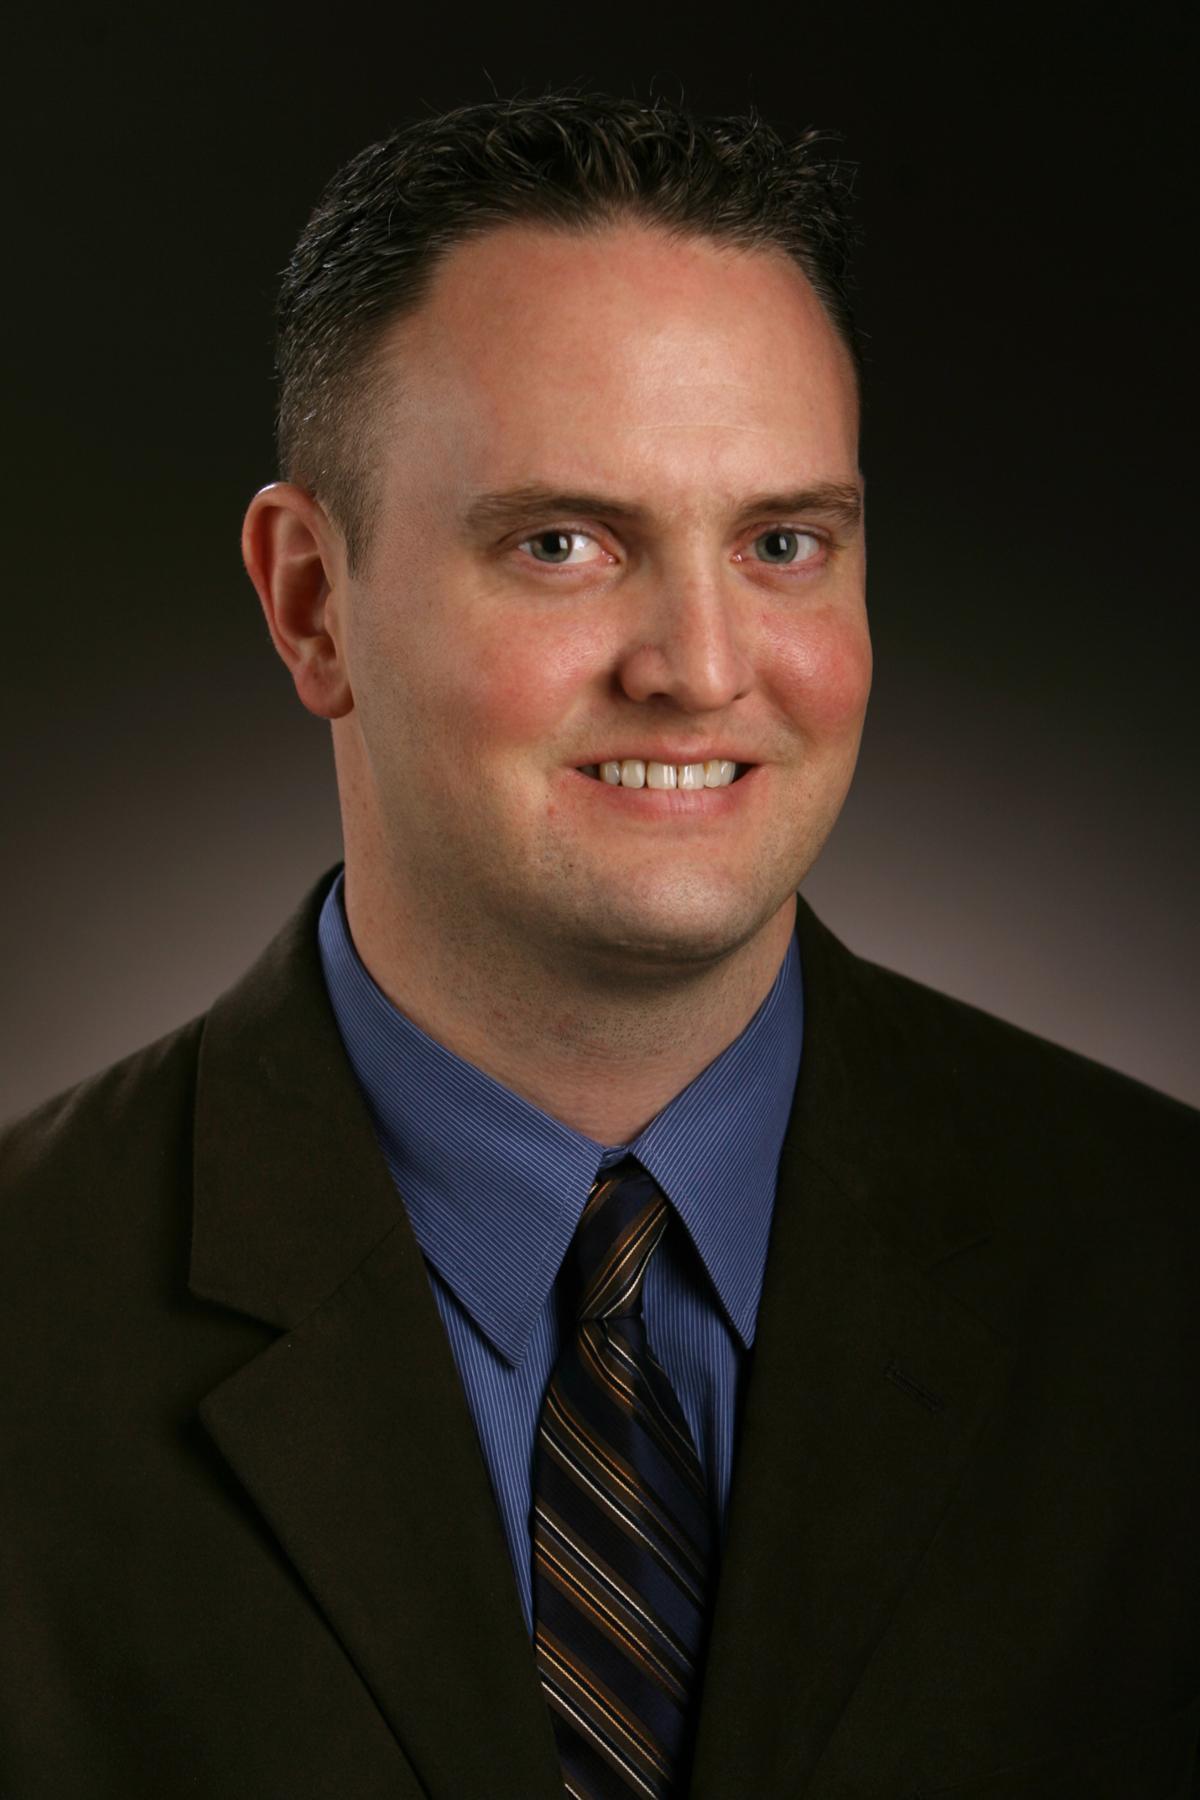 Kevin Hommel